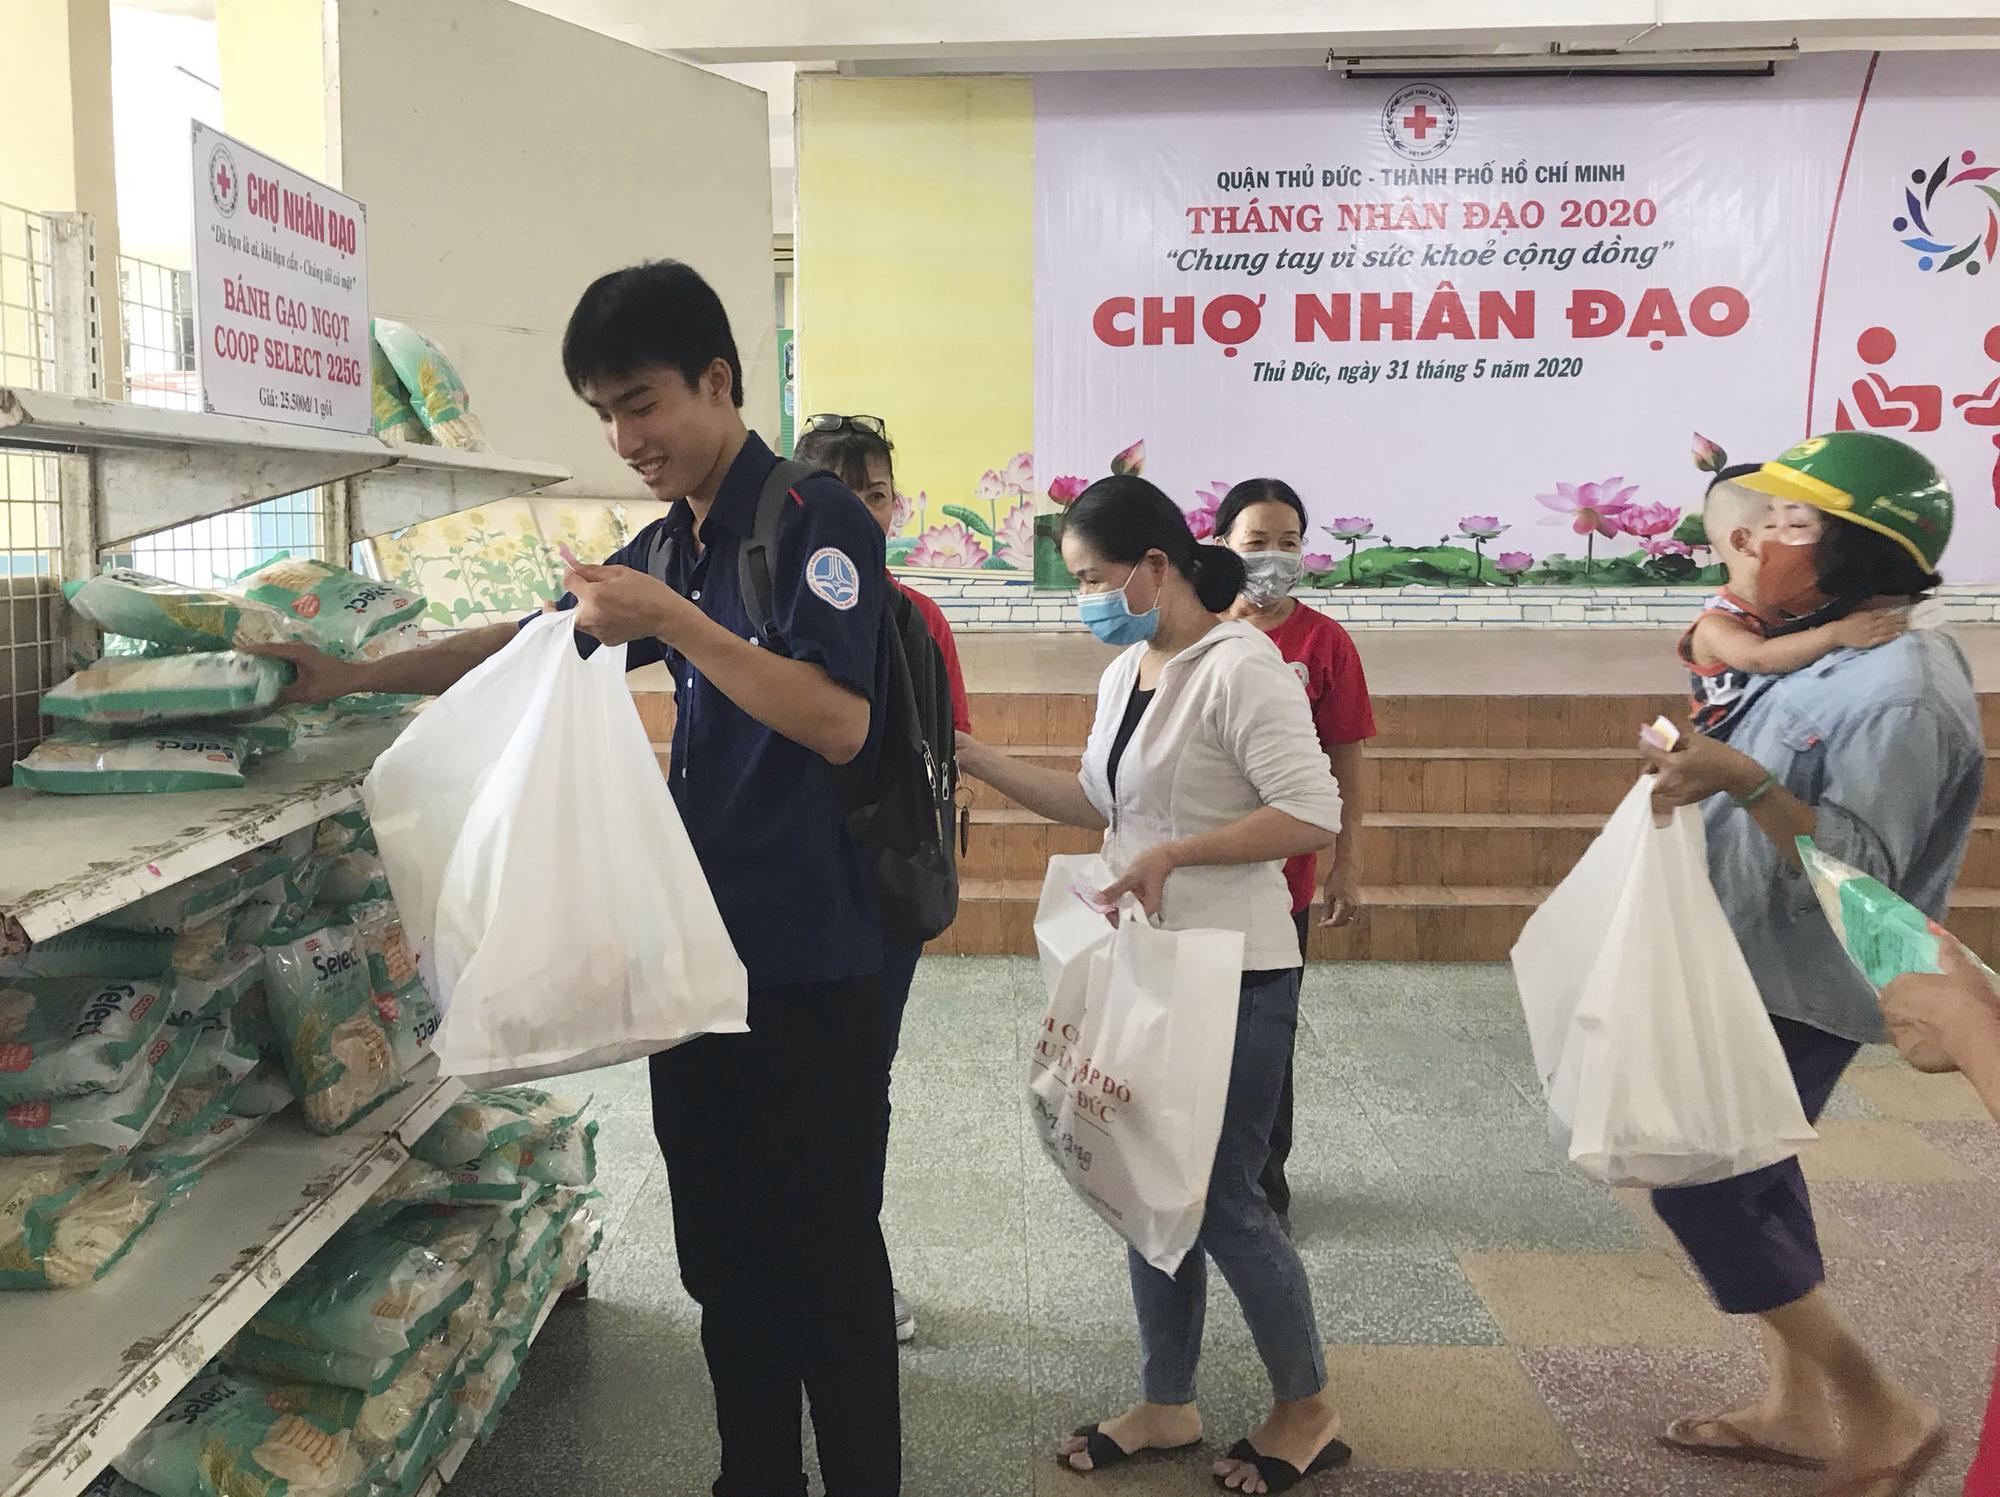 TP.HCM: Hơn 91 triệu đồng trao tặng người nghèo tại 'Chợ nhân đạo' Ảnh 5